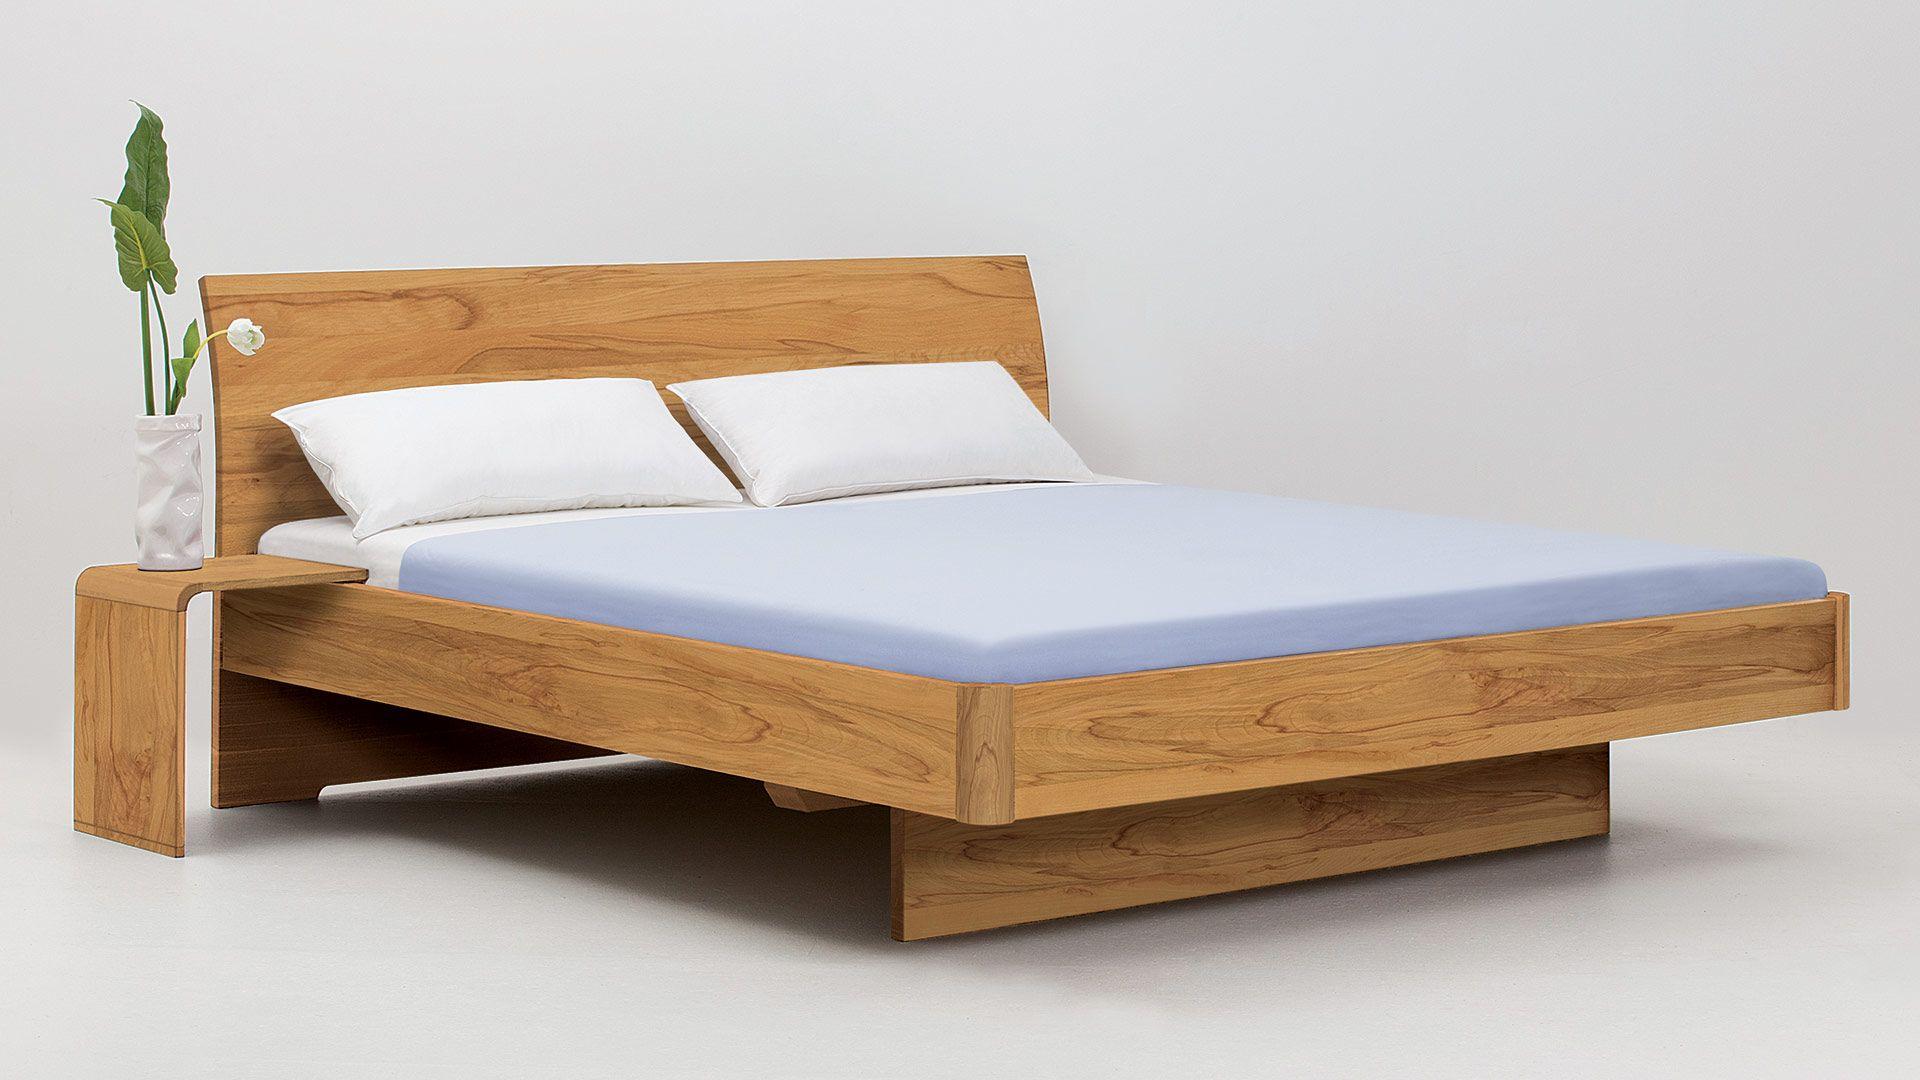 Full Size of Schwebendes Bett Mit Stauraum Günstig Luxus 180x200 Bettkasten Unterbett Bonprix Betten Platzsparend Zum Ausziehen 80x200 90x200 200x200 Skandinavisch Bett Schwebendes Bett